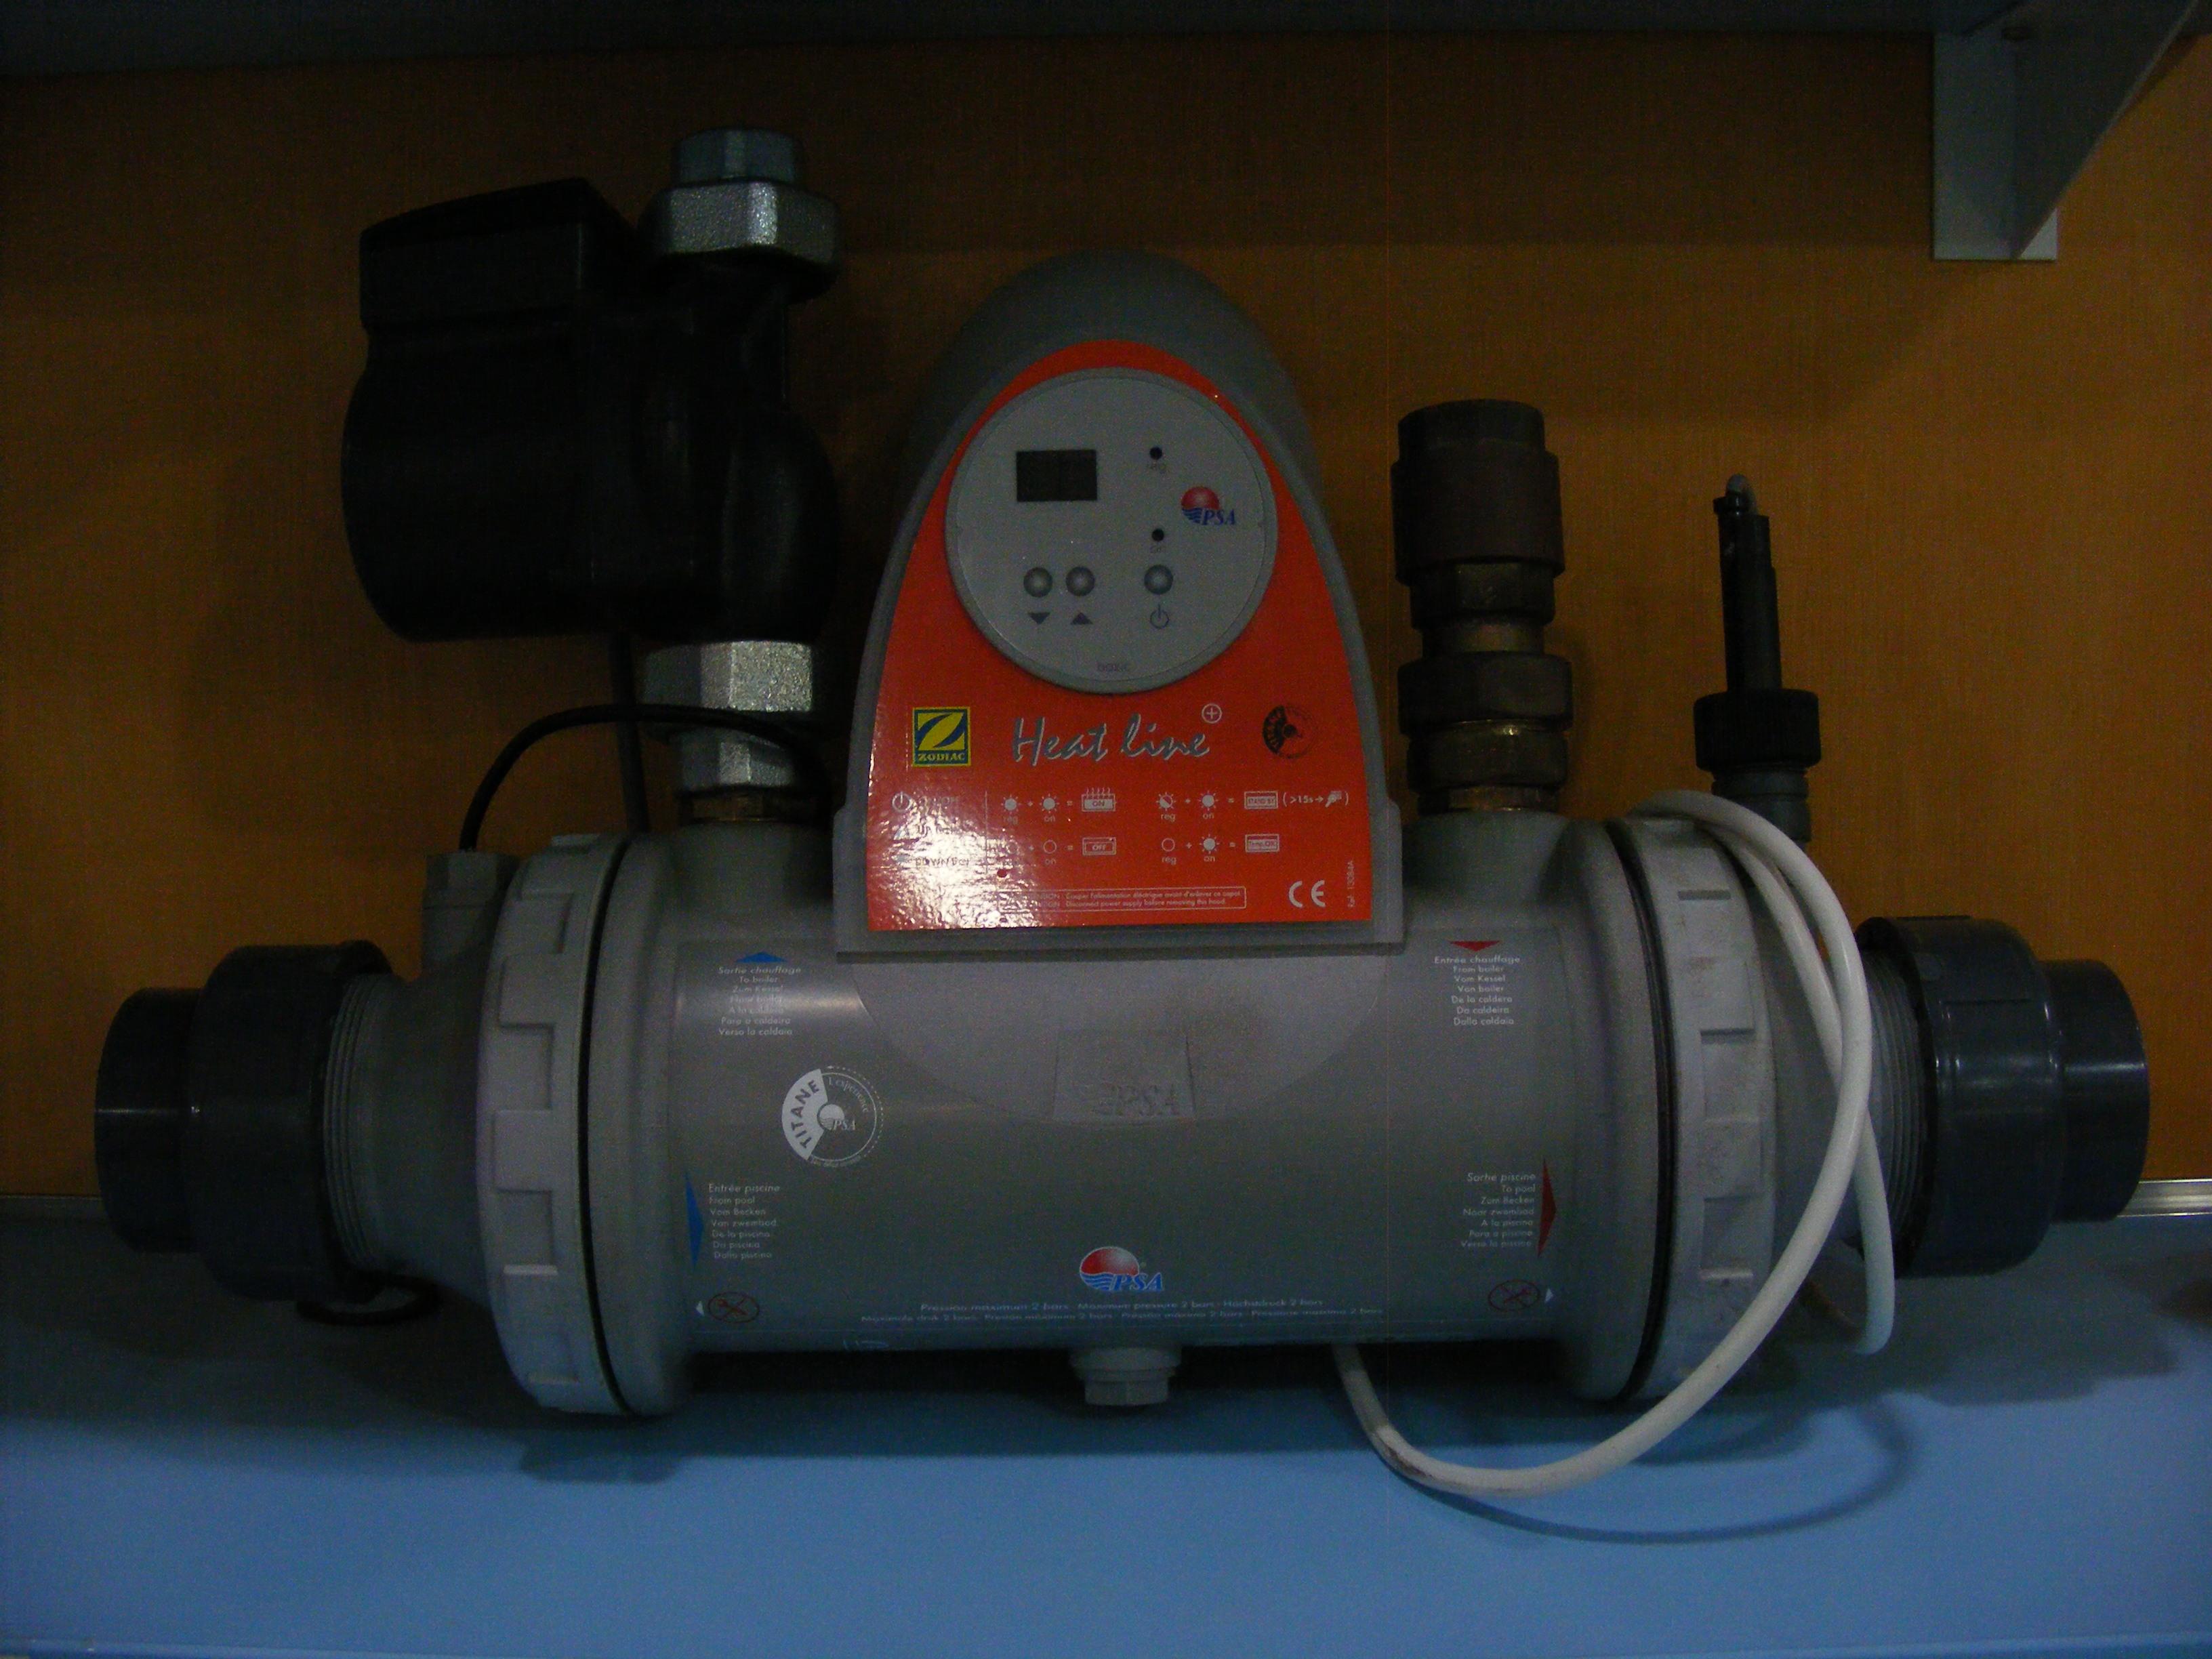 hőcserélő 20 kW desjoyaux vezérléssel